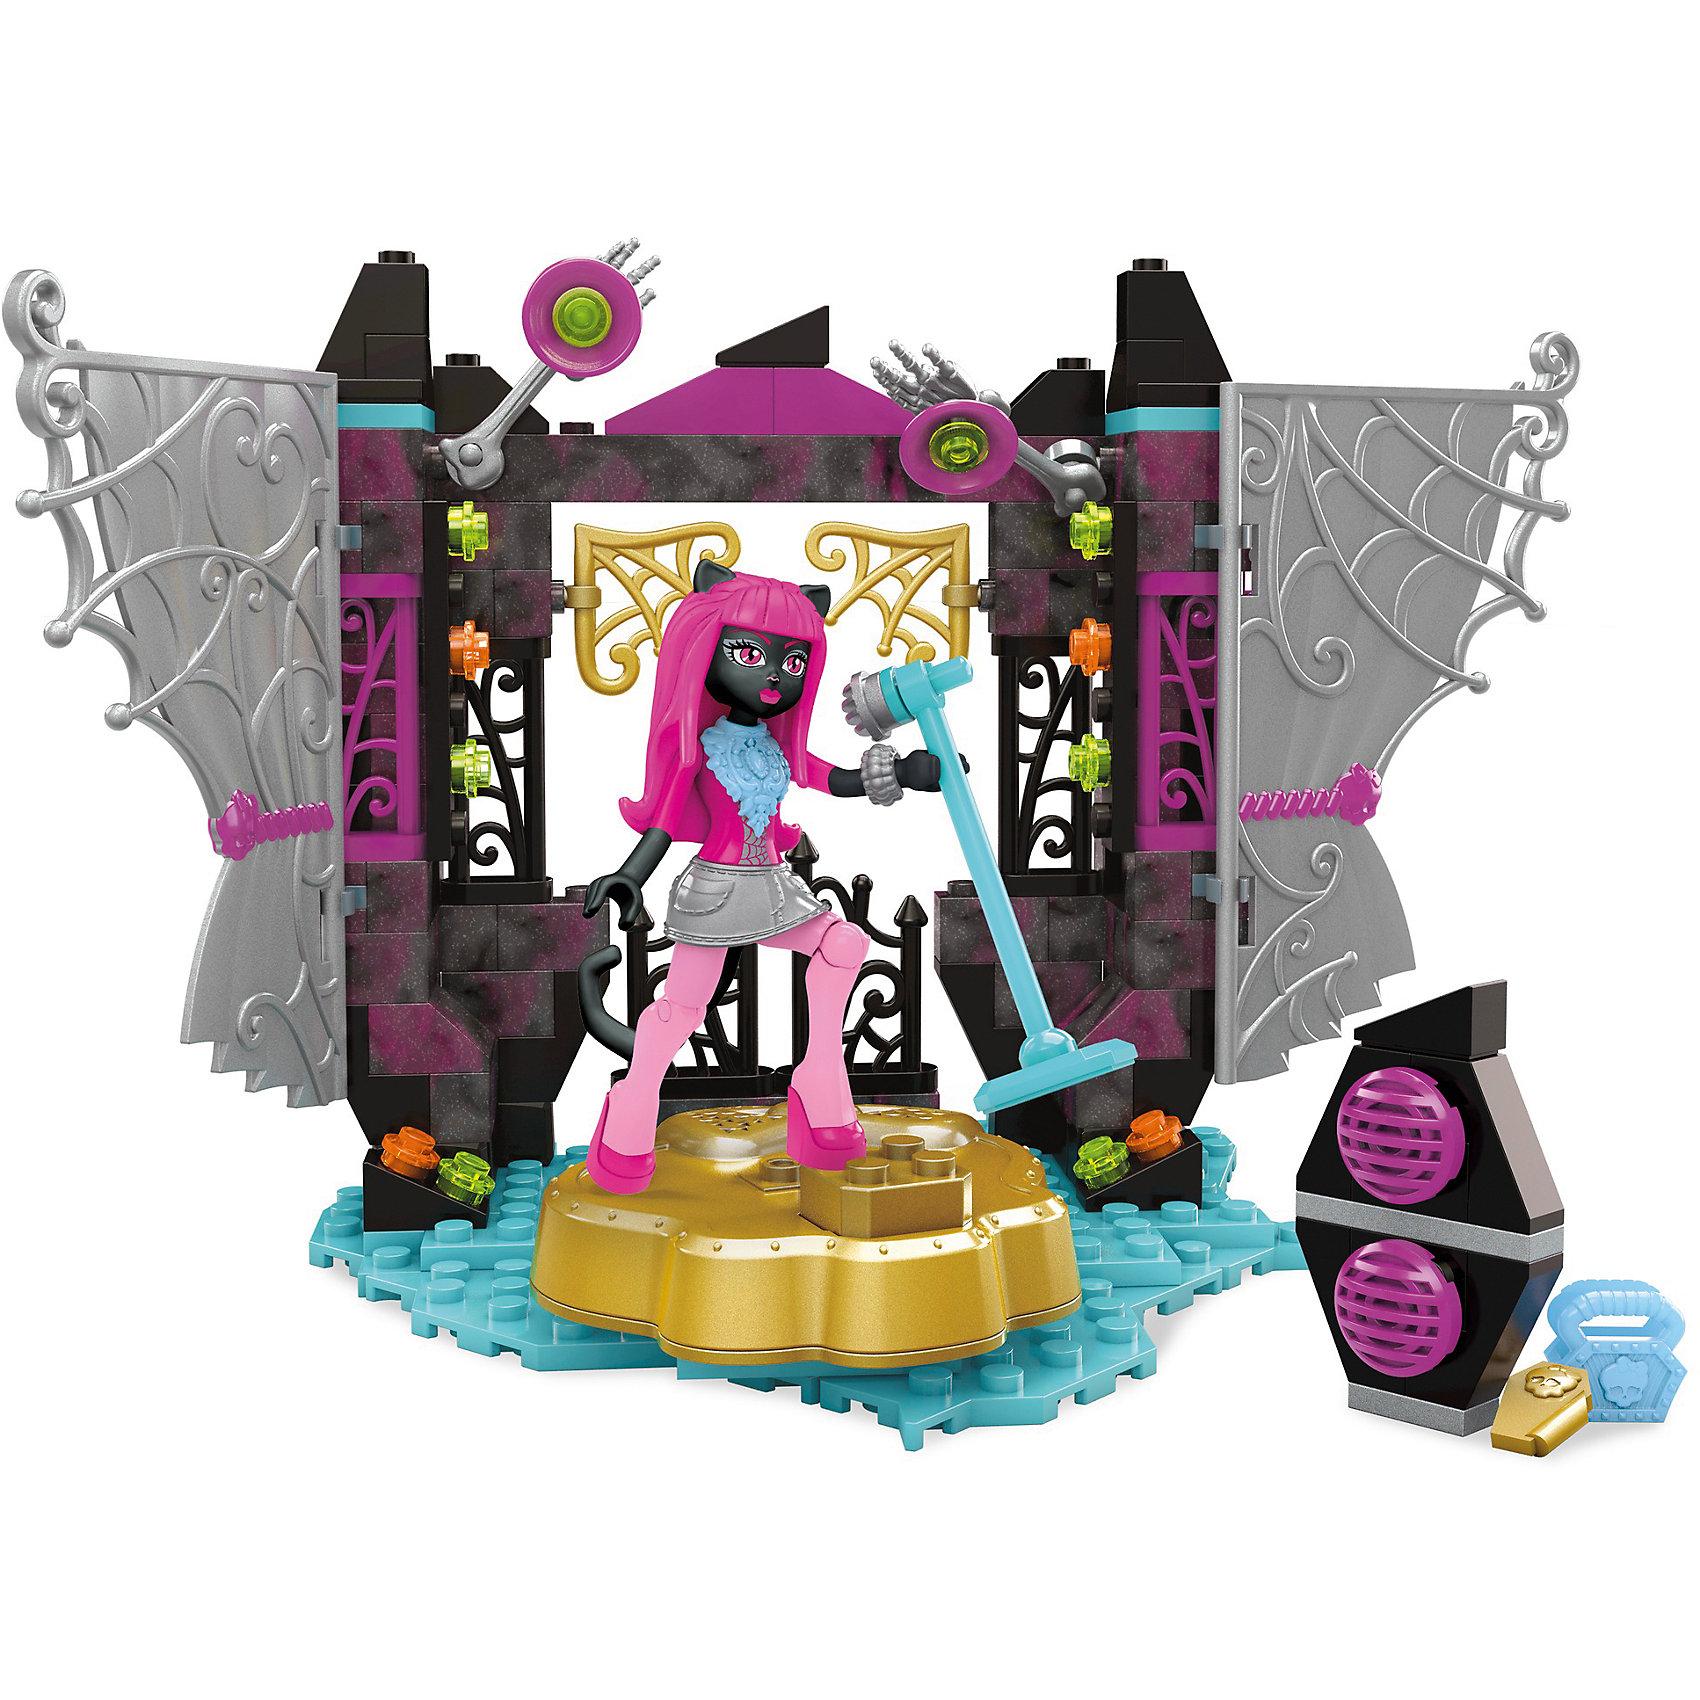 MEGA BLOKS Monster High: Игровой набор Звездная сцена, MEGA BLOKS игрушка orange toys бегемот полицейский 30cm ma2640 30j